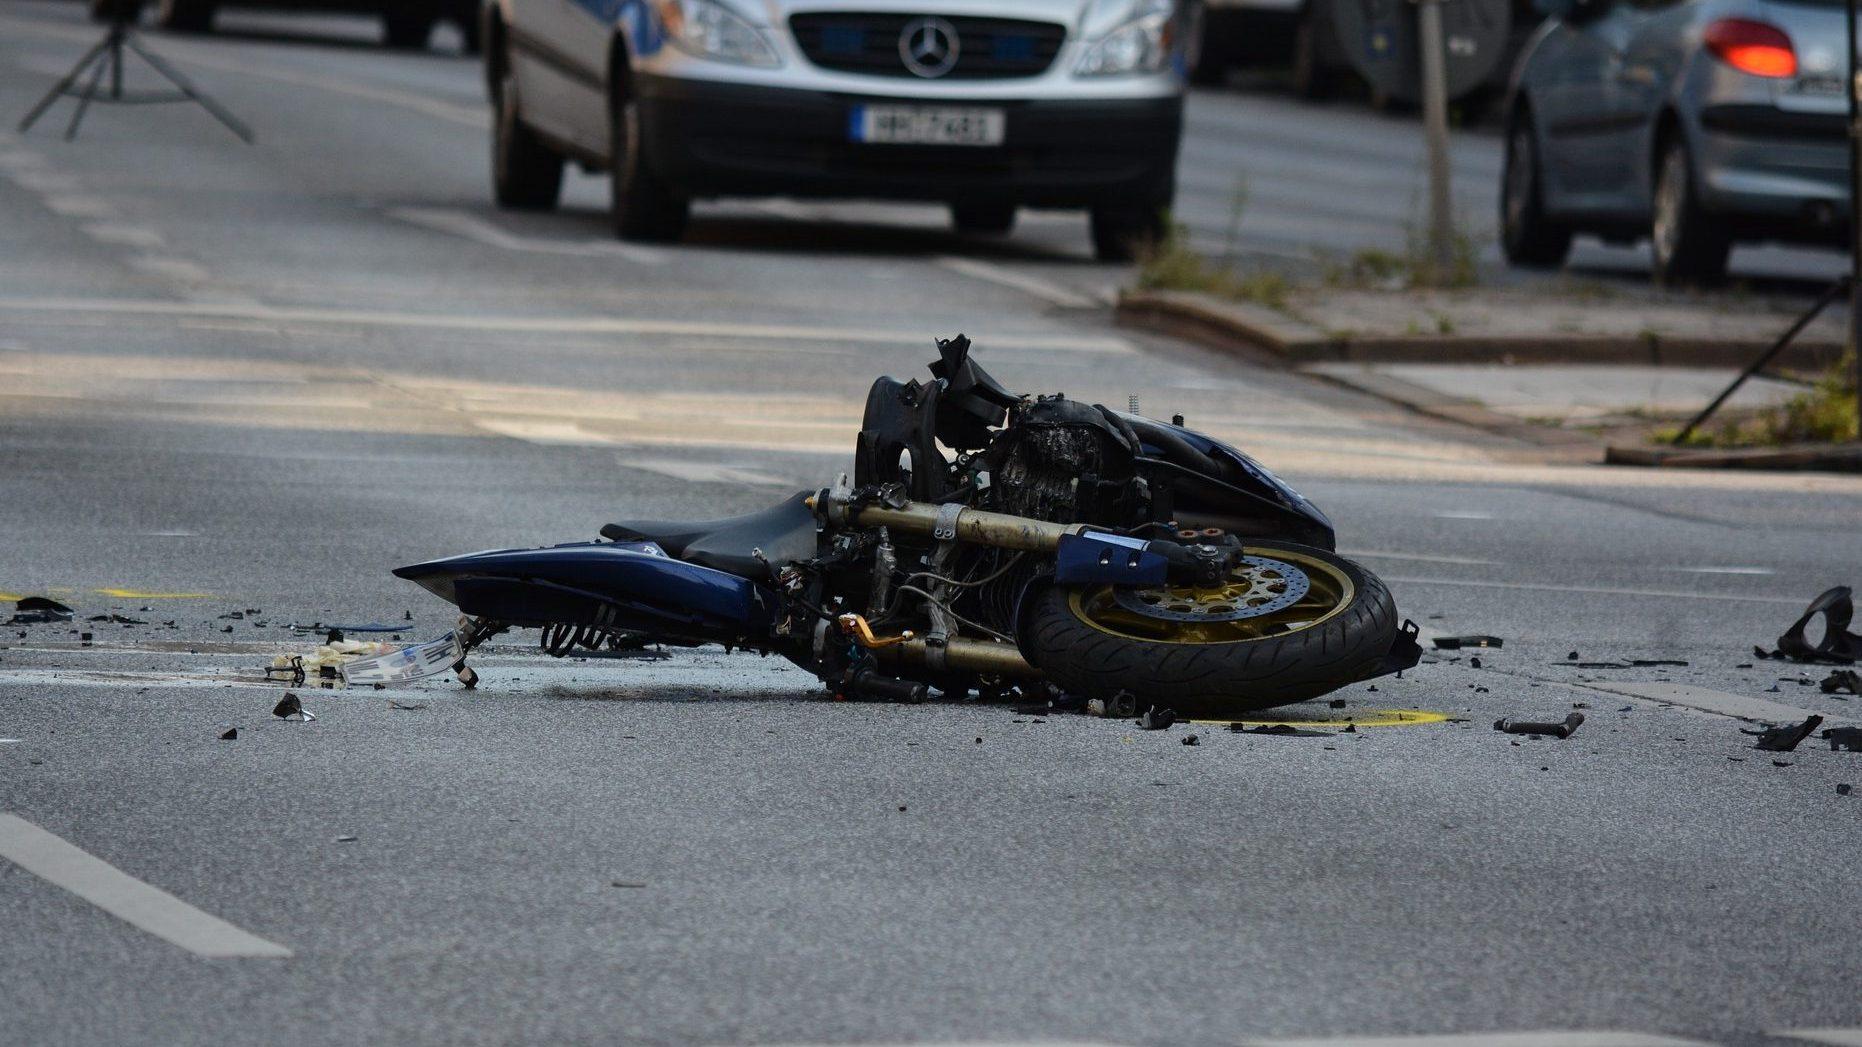 נמנעה הונאת ביטוח: התובע נפצע קשה בתאונת אופנוע בחברון, אבל לא רכב על האופנוע המבוטח עליו הצהיר